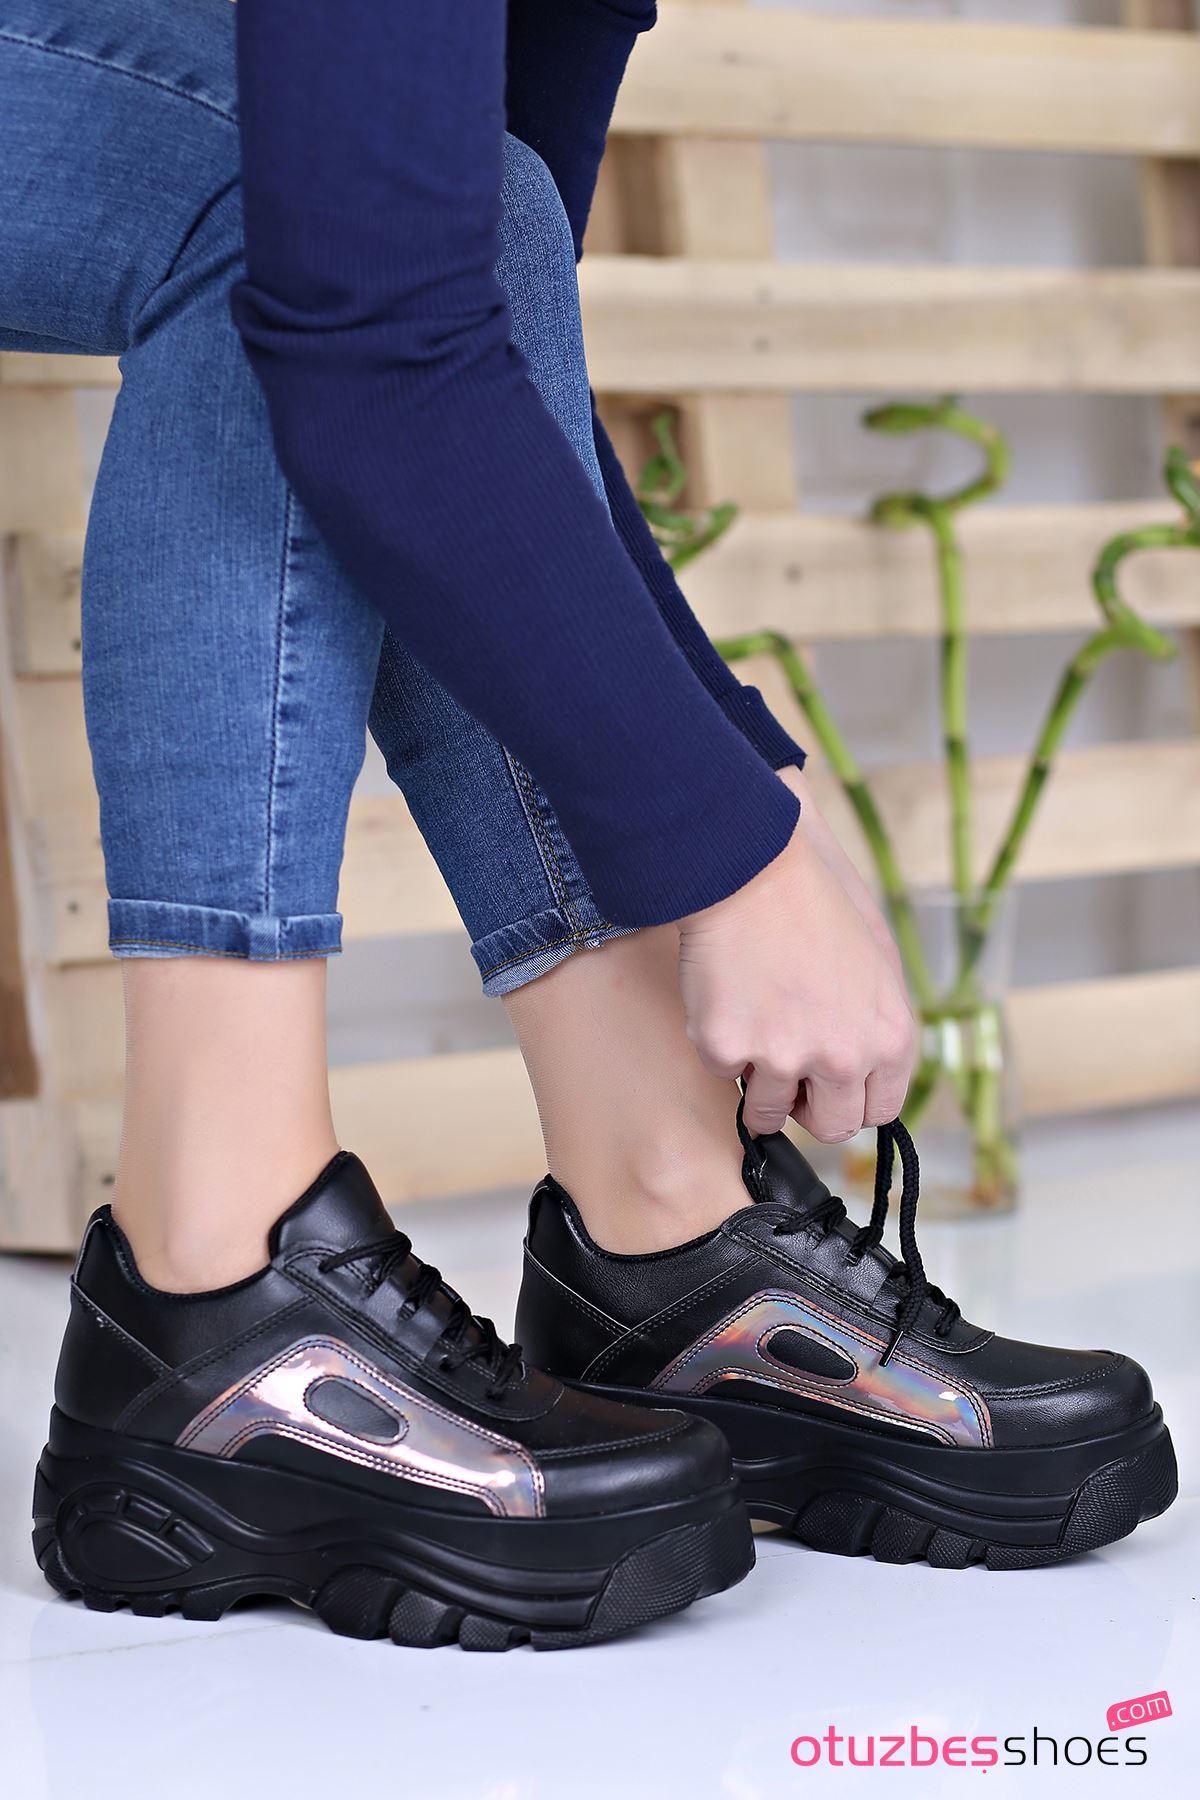 Agnes Mat Deri Hologram Detay Kalın Taban Spor Ayakkabı Siyah